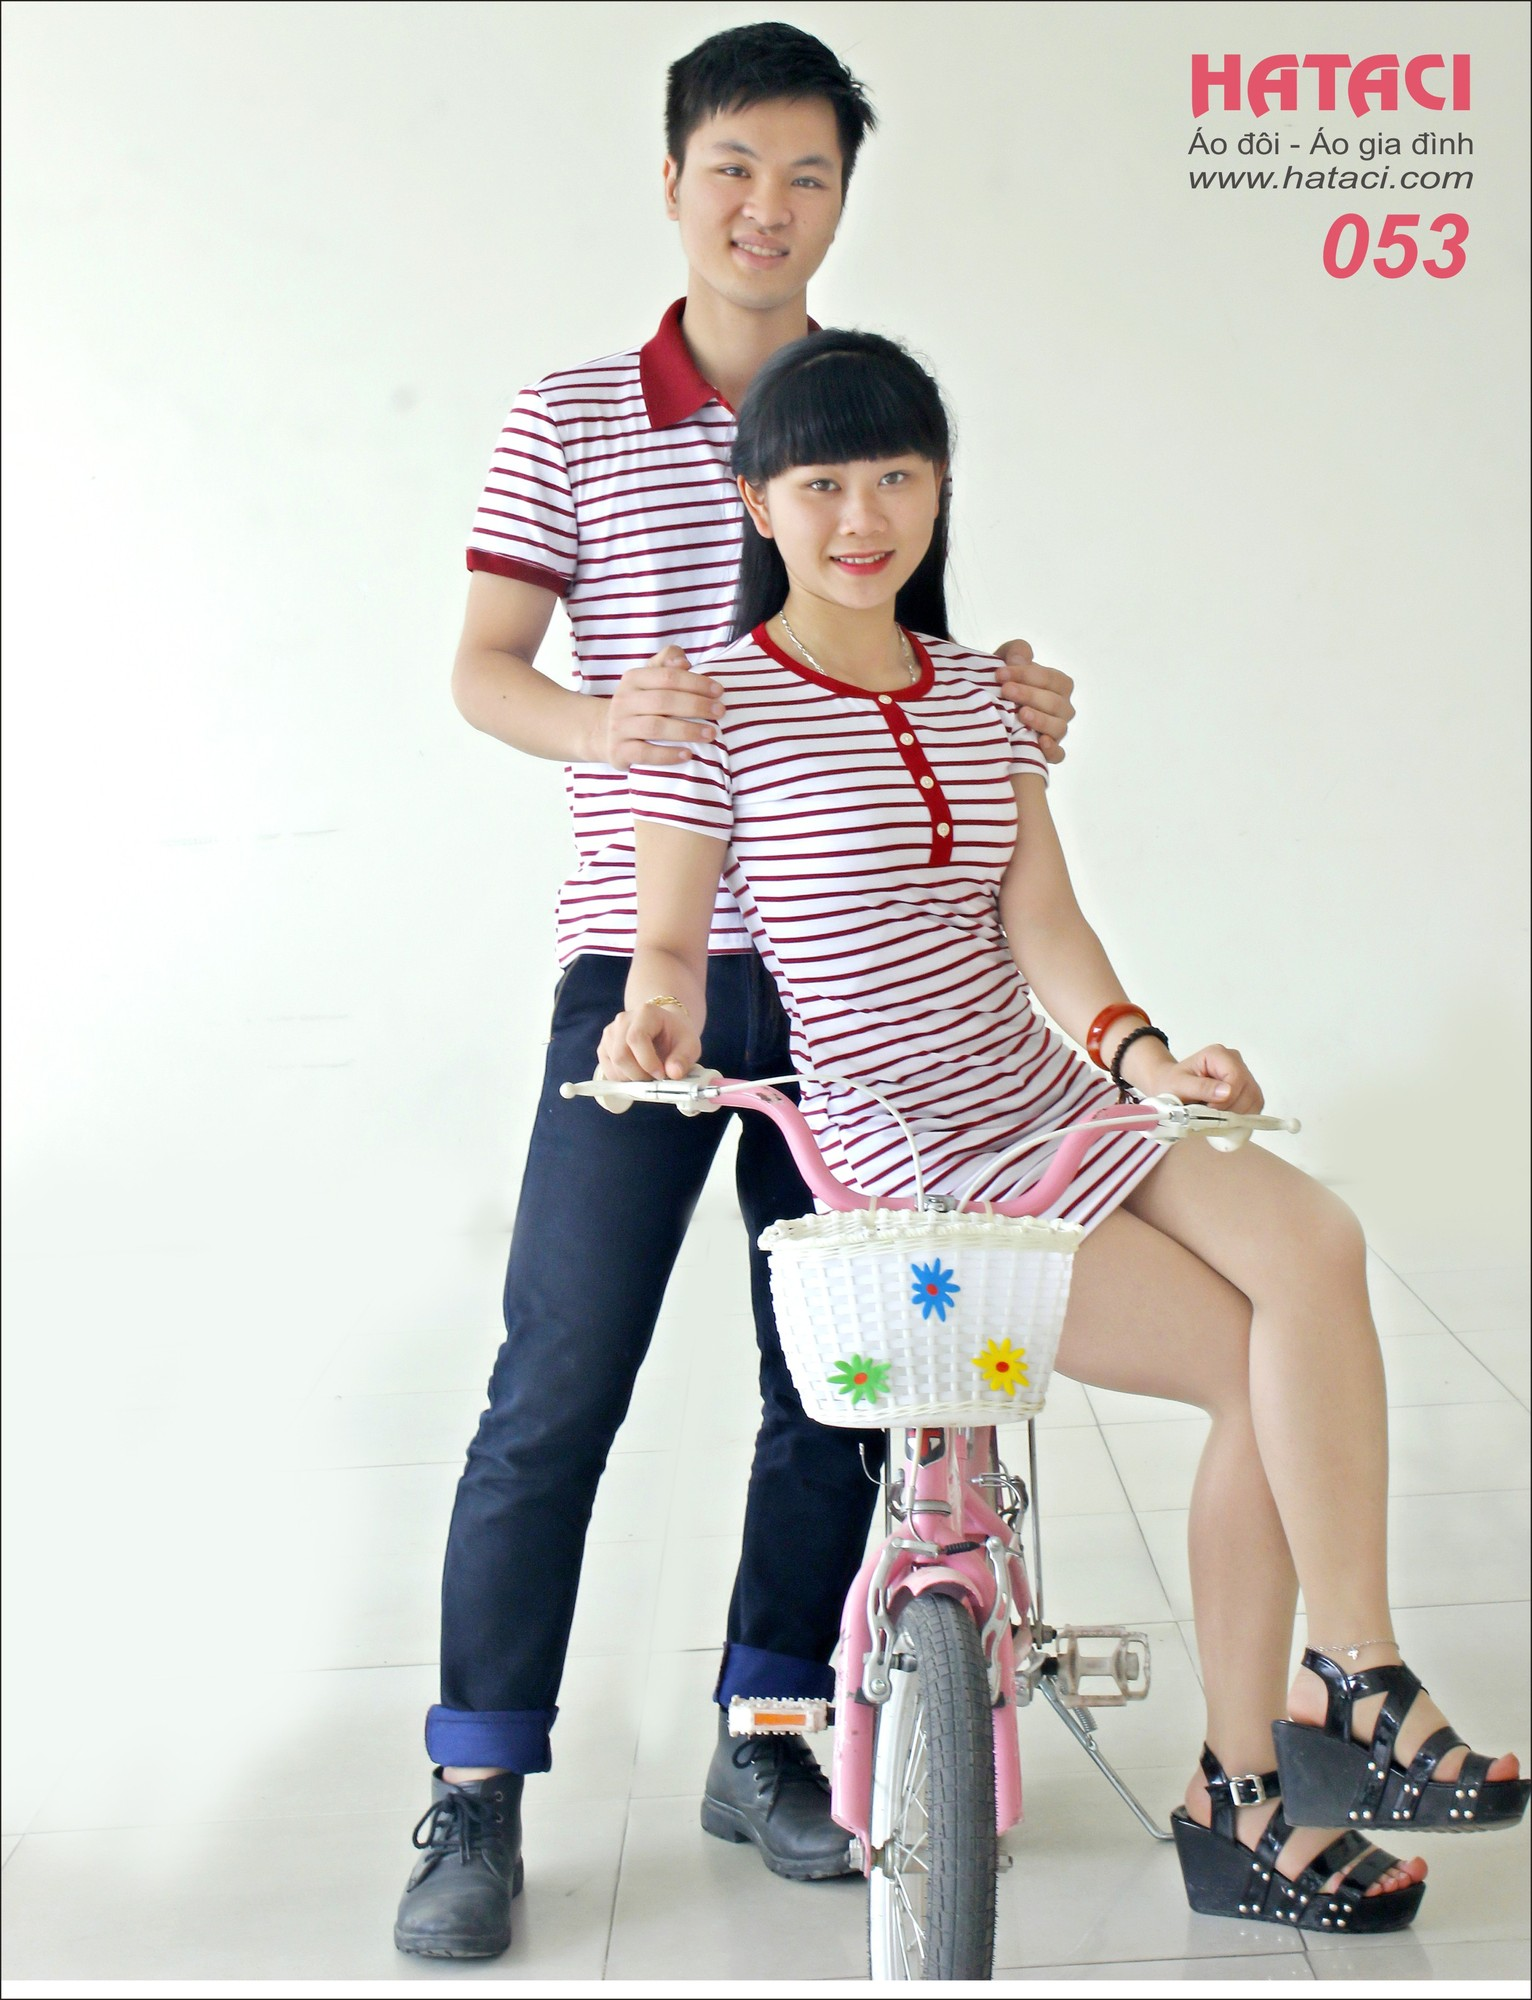 11 Mua áo đôi cửa hàng Hataci 191 Bạch Mai , Hà Nội